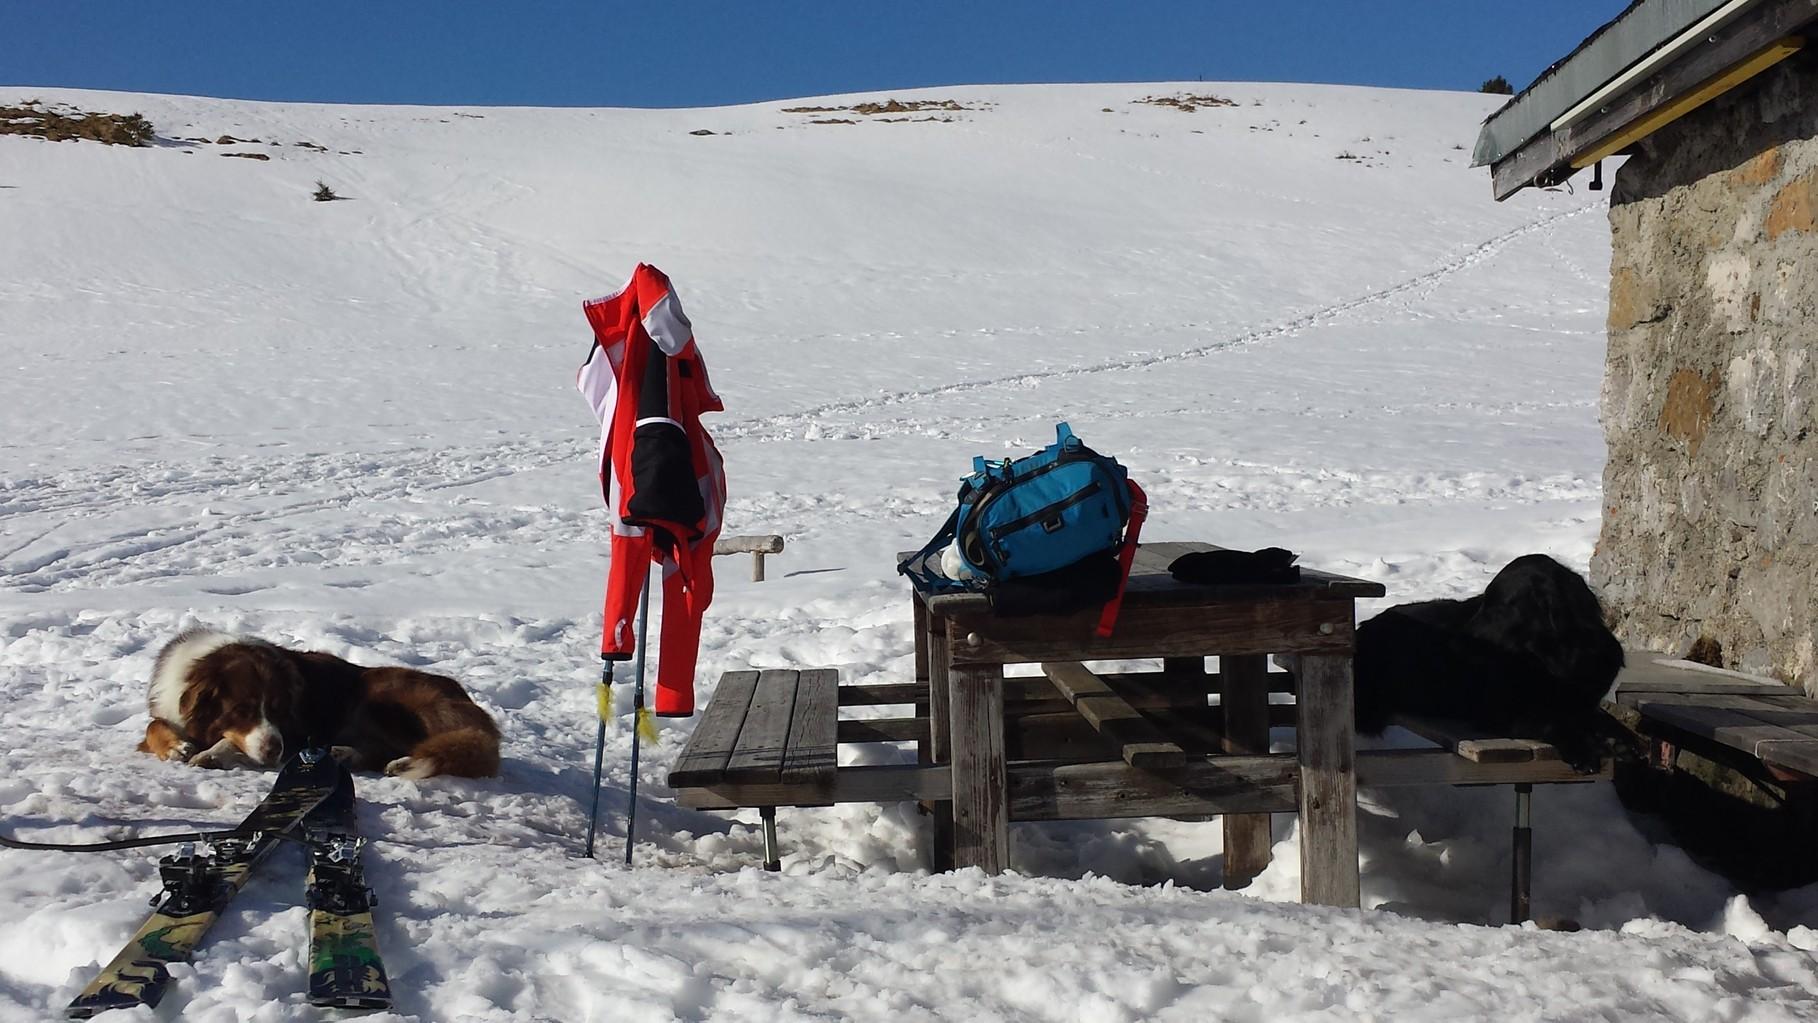 Im Alpstei uf Schitürli  (Siesta)